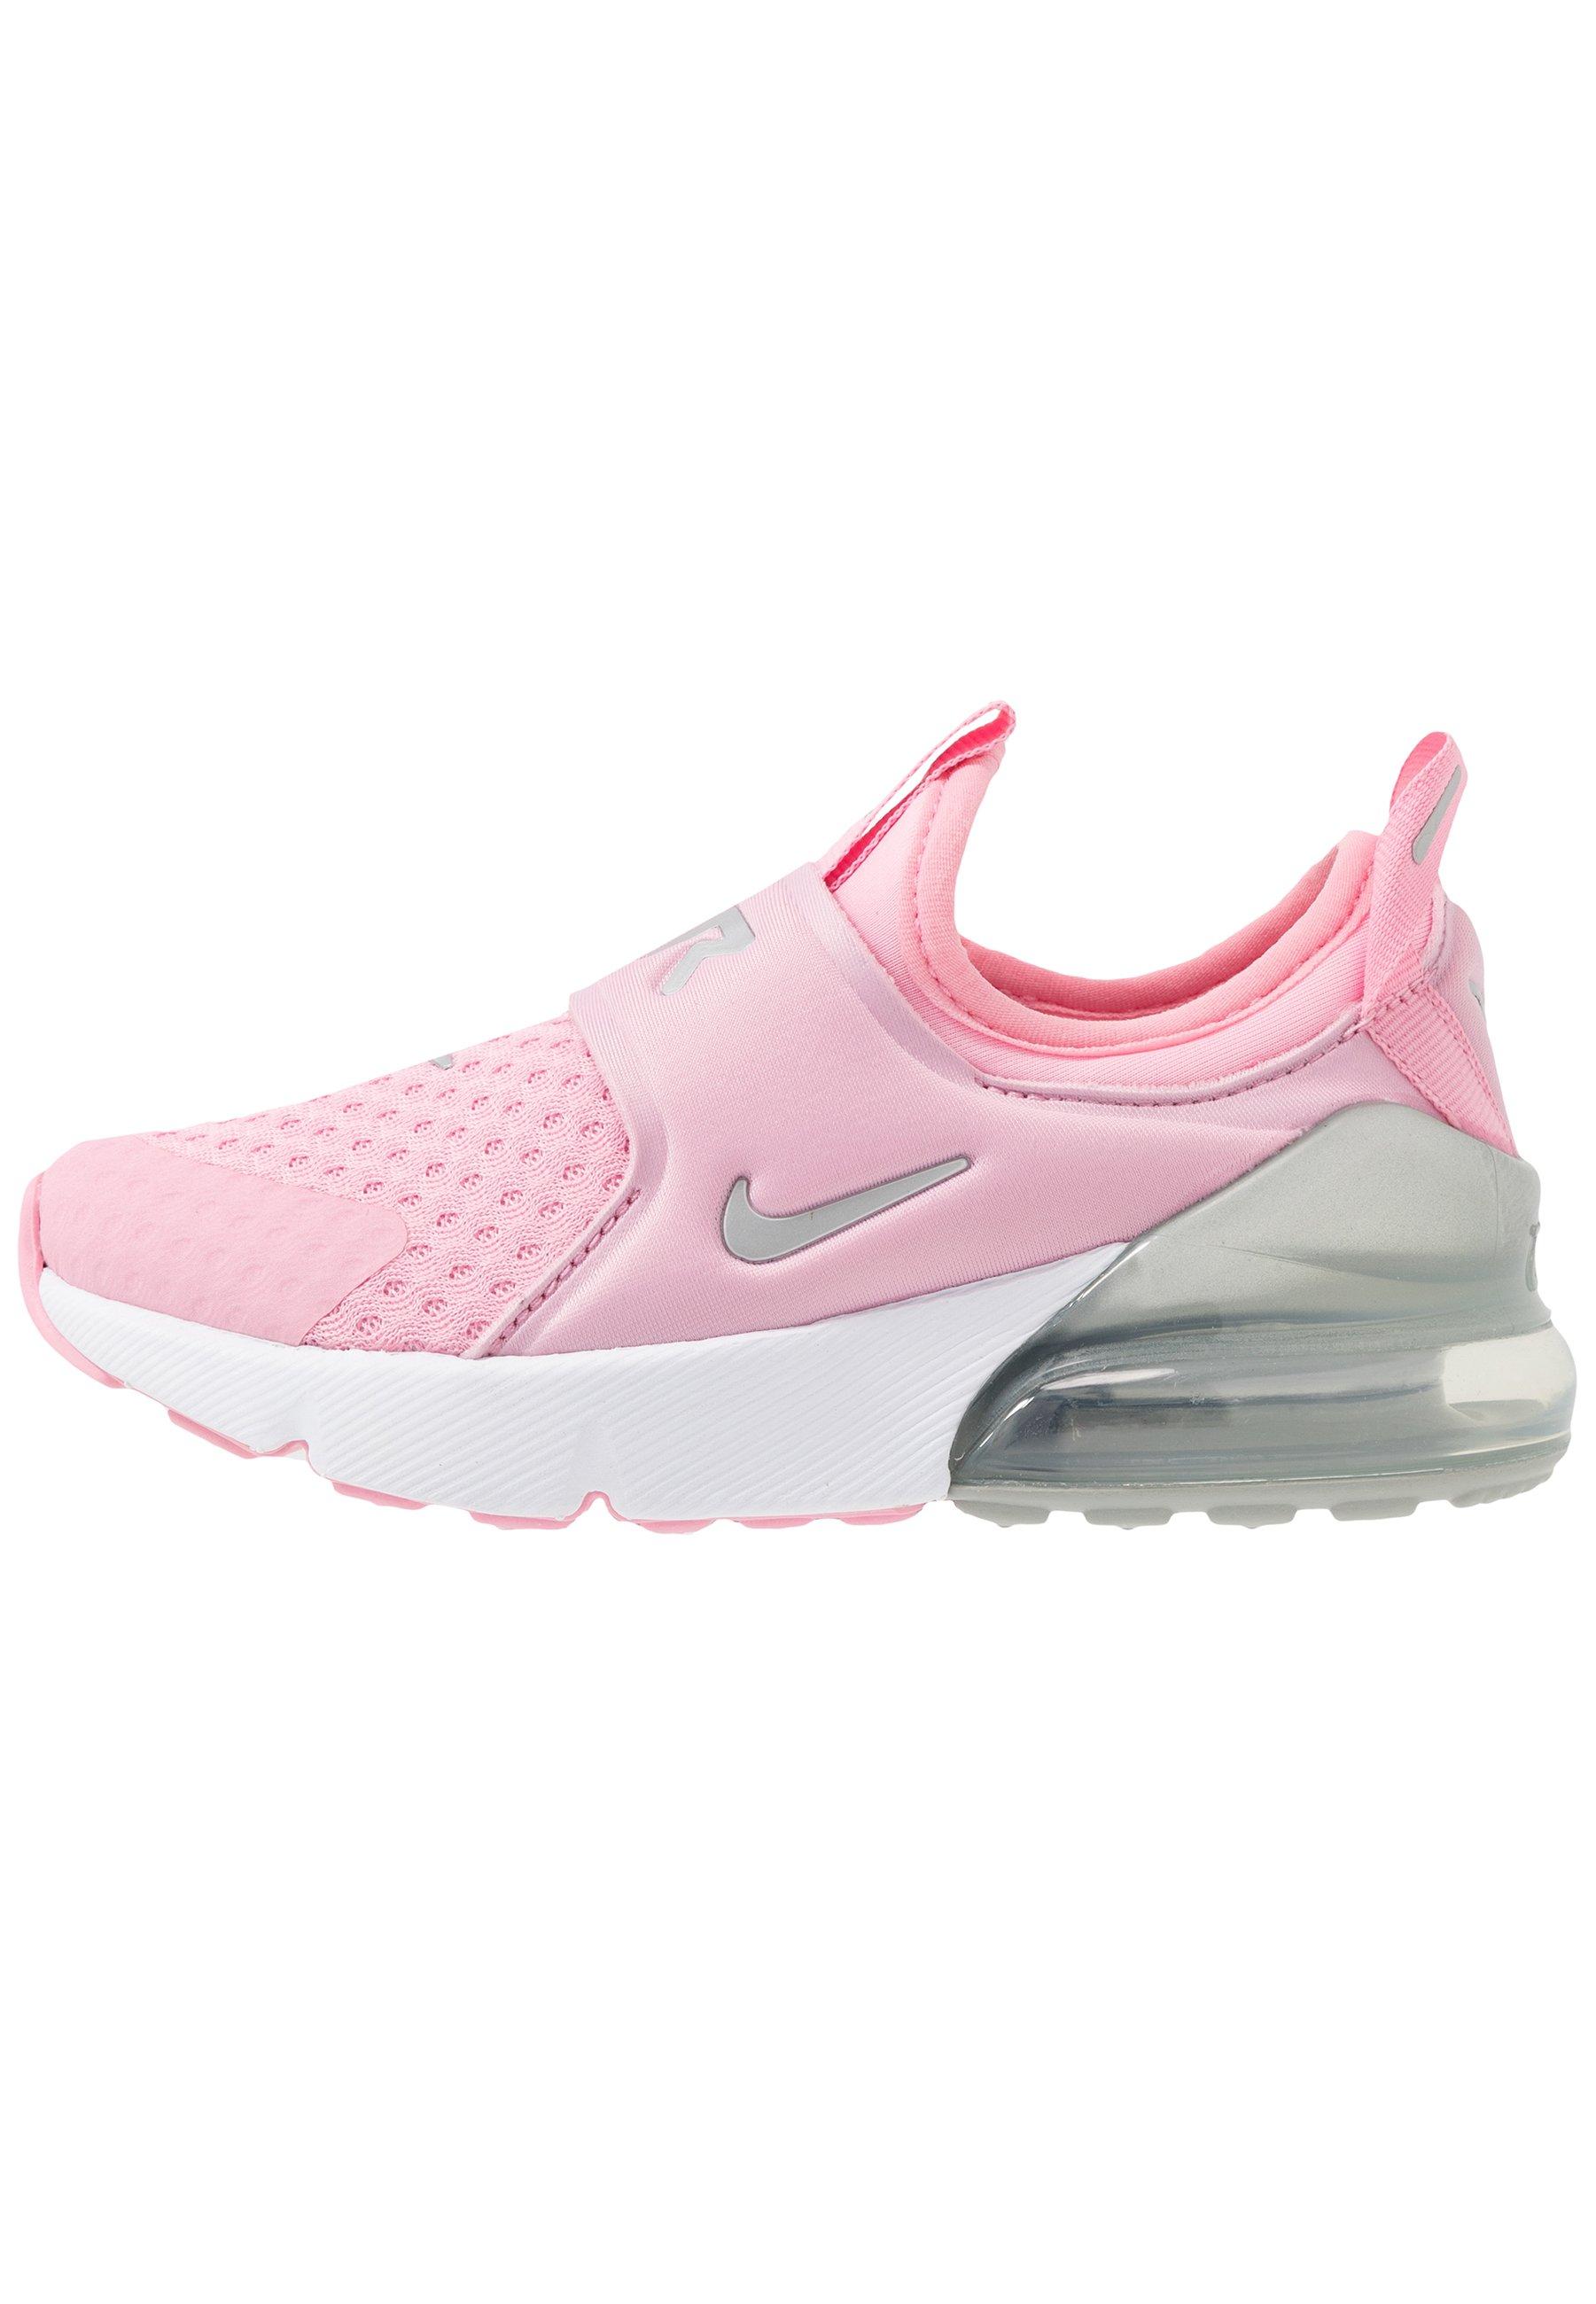 air max 270 extreme rosa